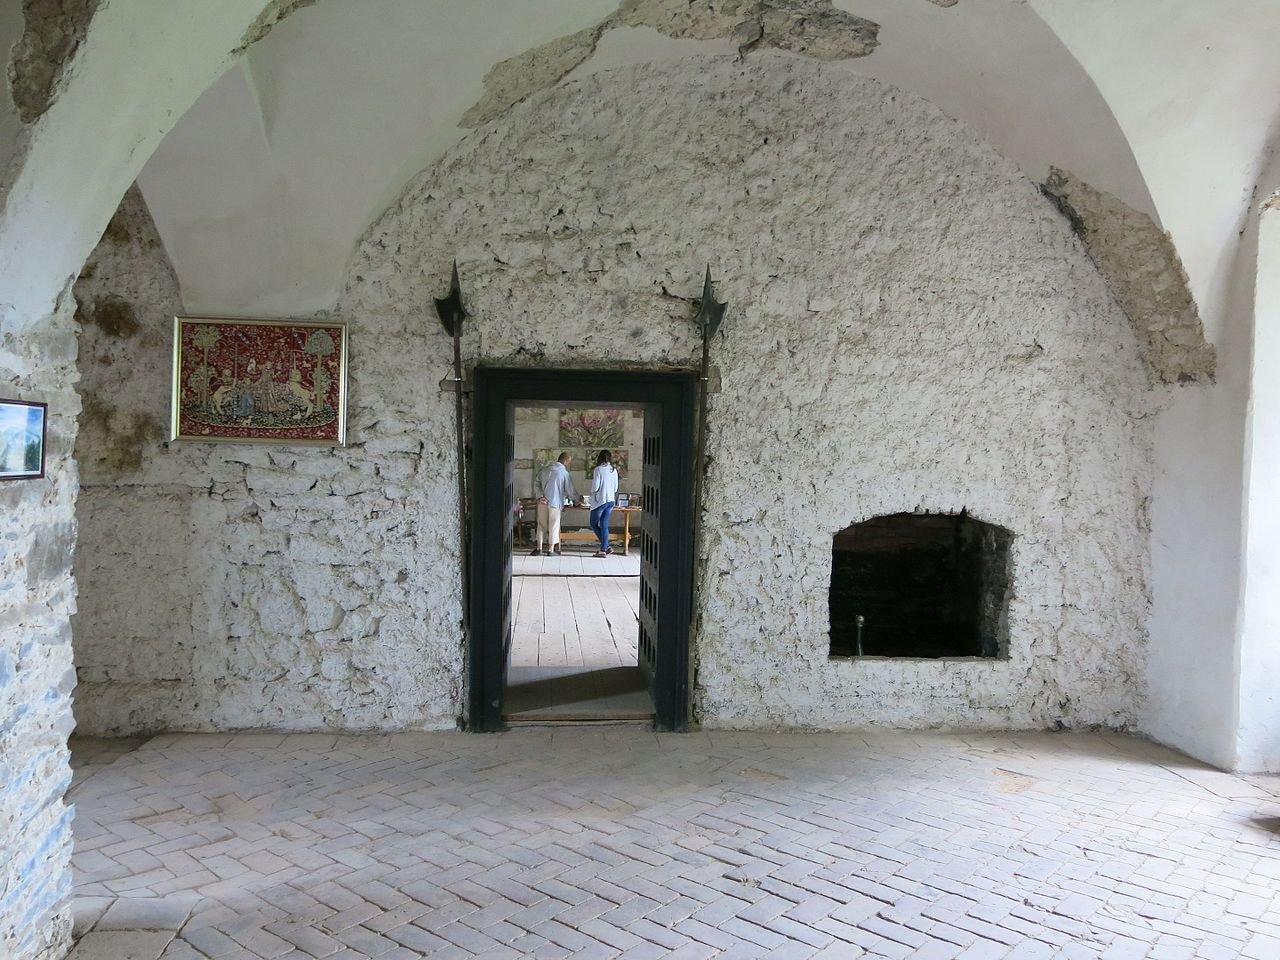 Невероятная Украина. Замки, вкусная еда и винные погреба Закарпатья (КАРТА, ФОТО, ЦЕНЫ), фото-7